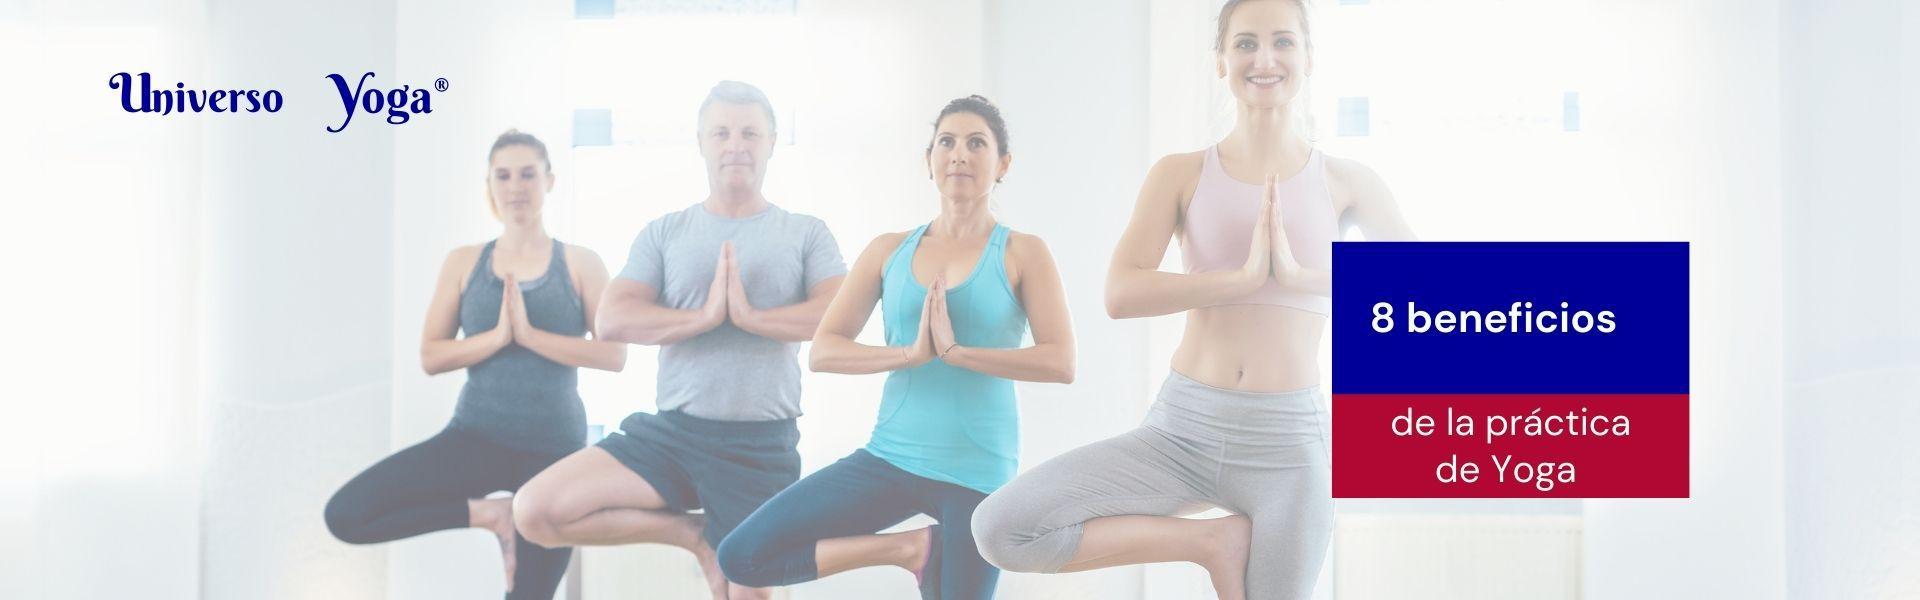 8 beneficios del yoga